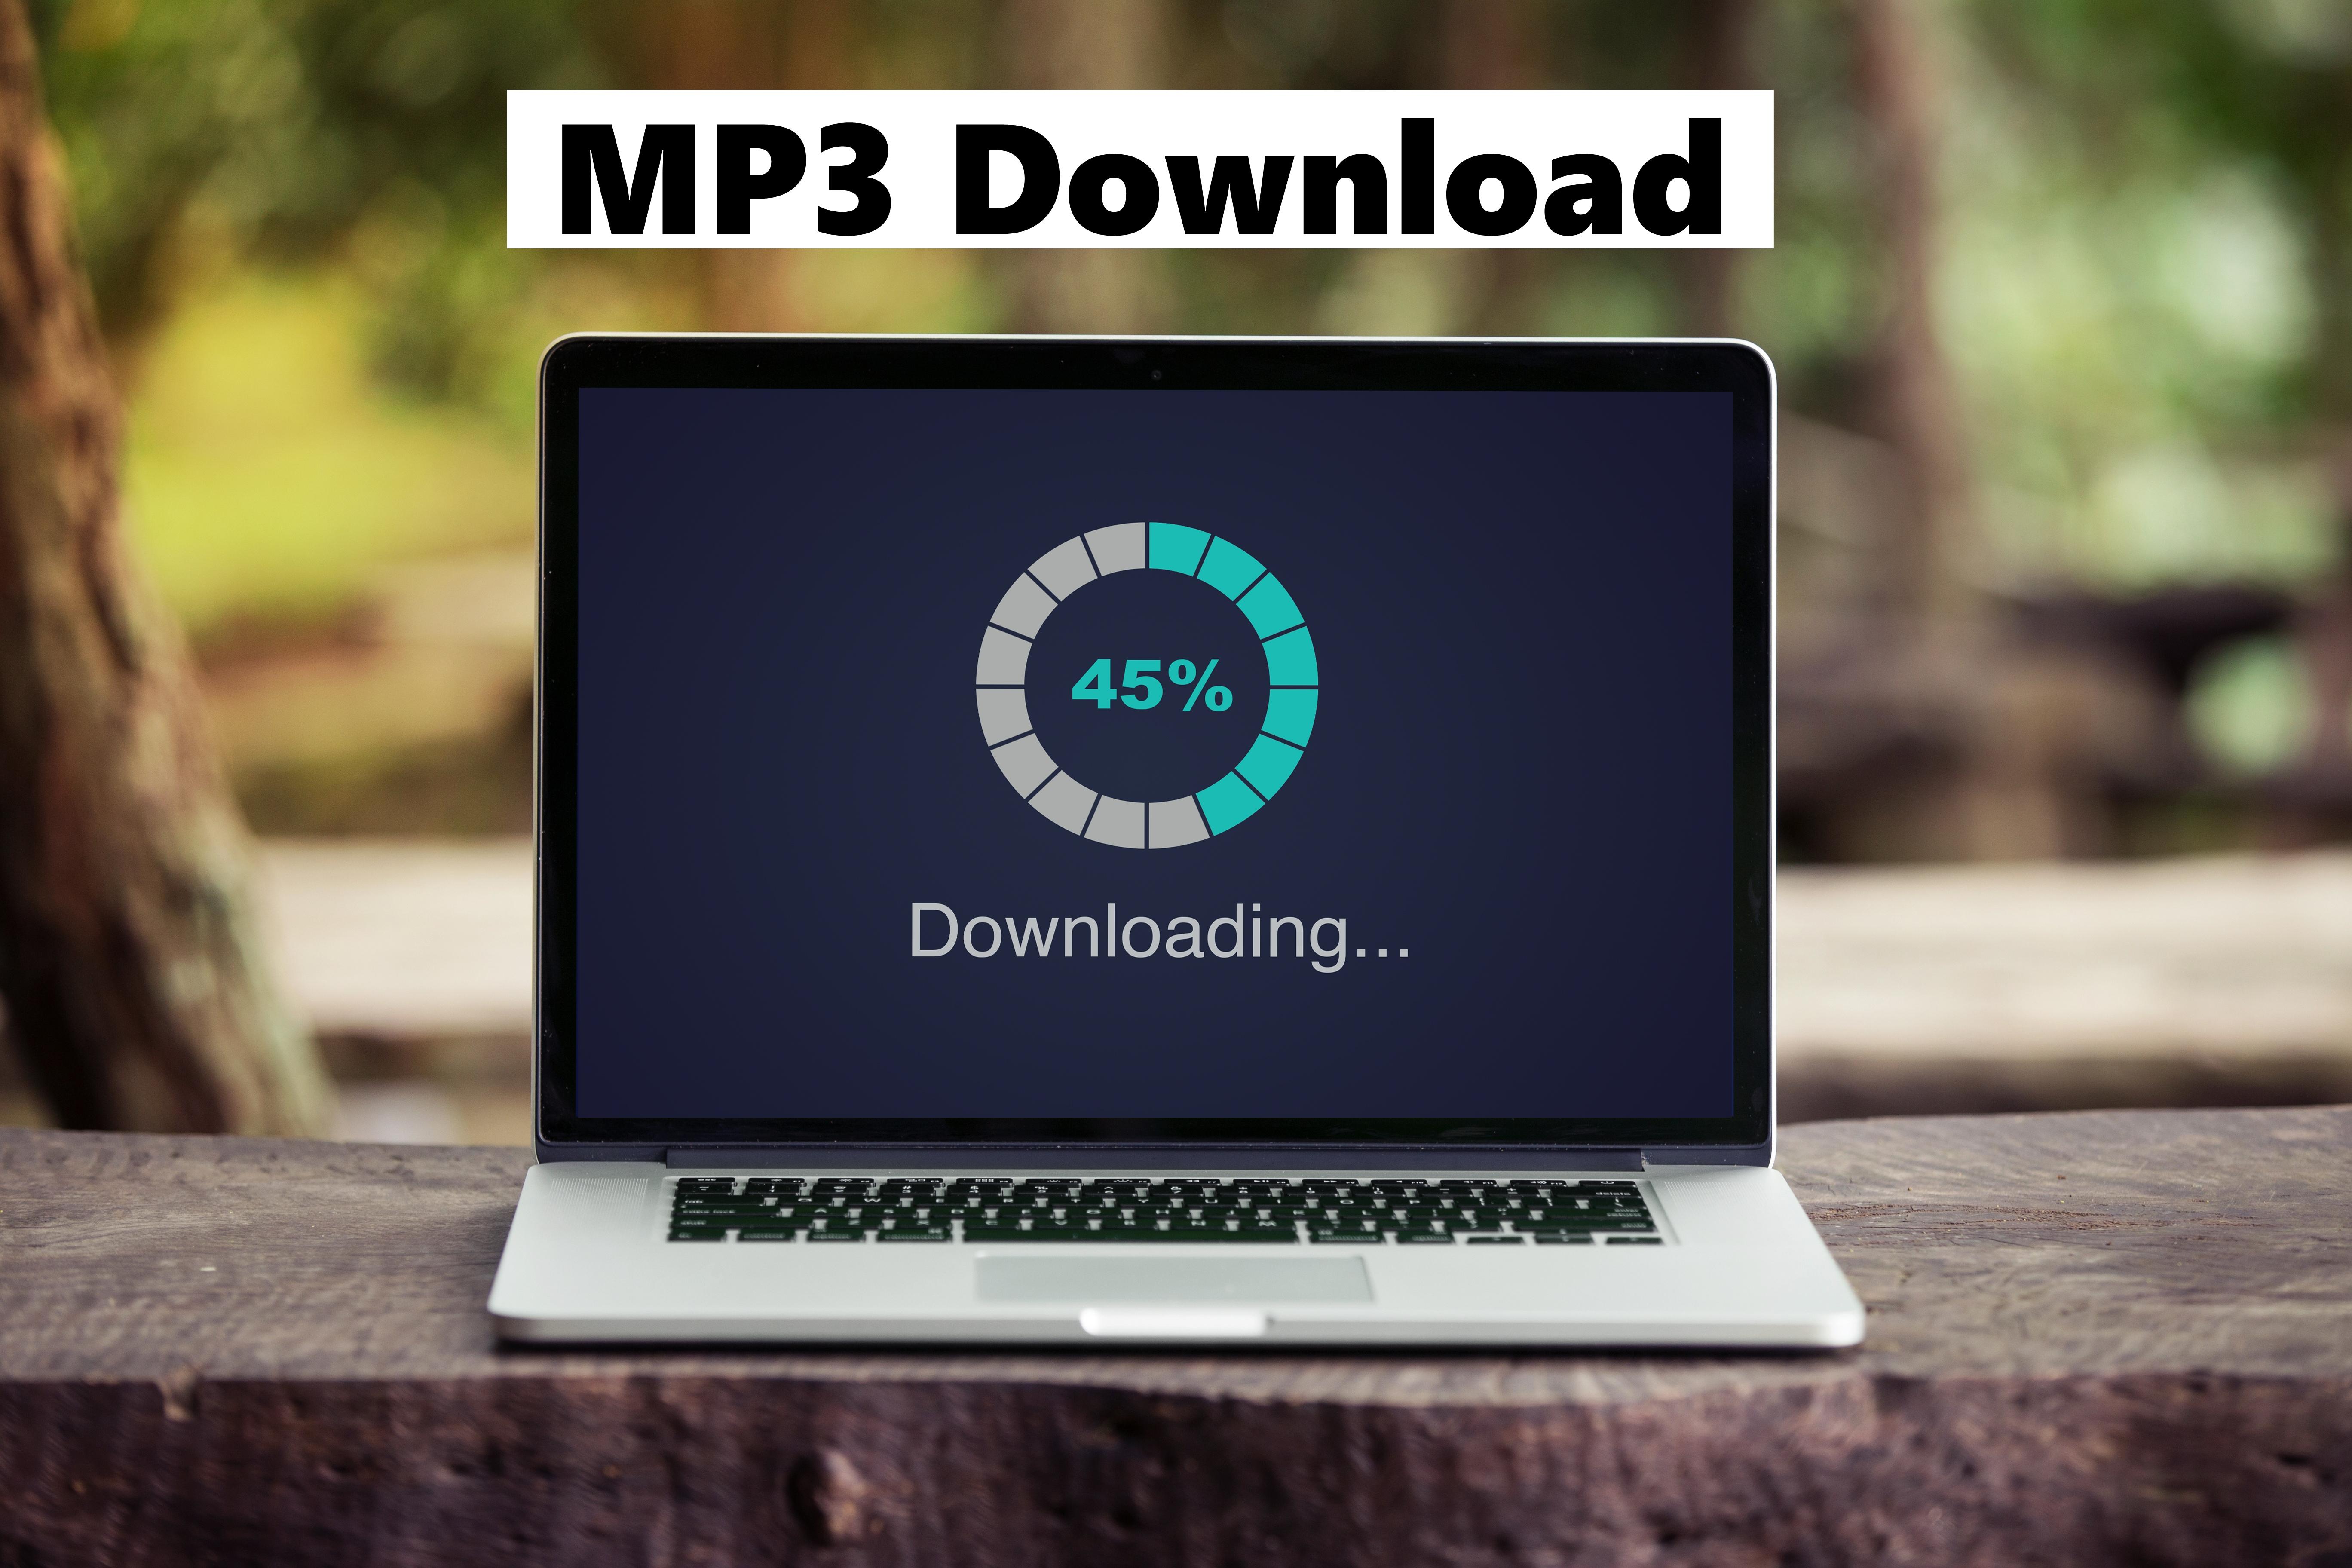 downloadtile.jpg